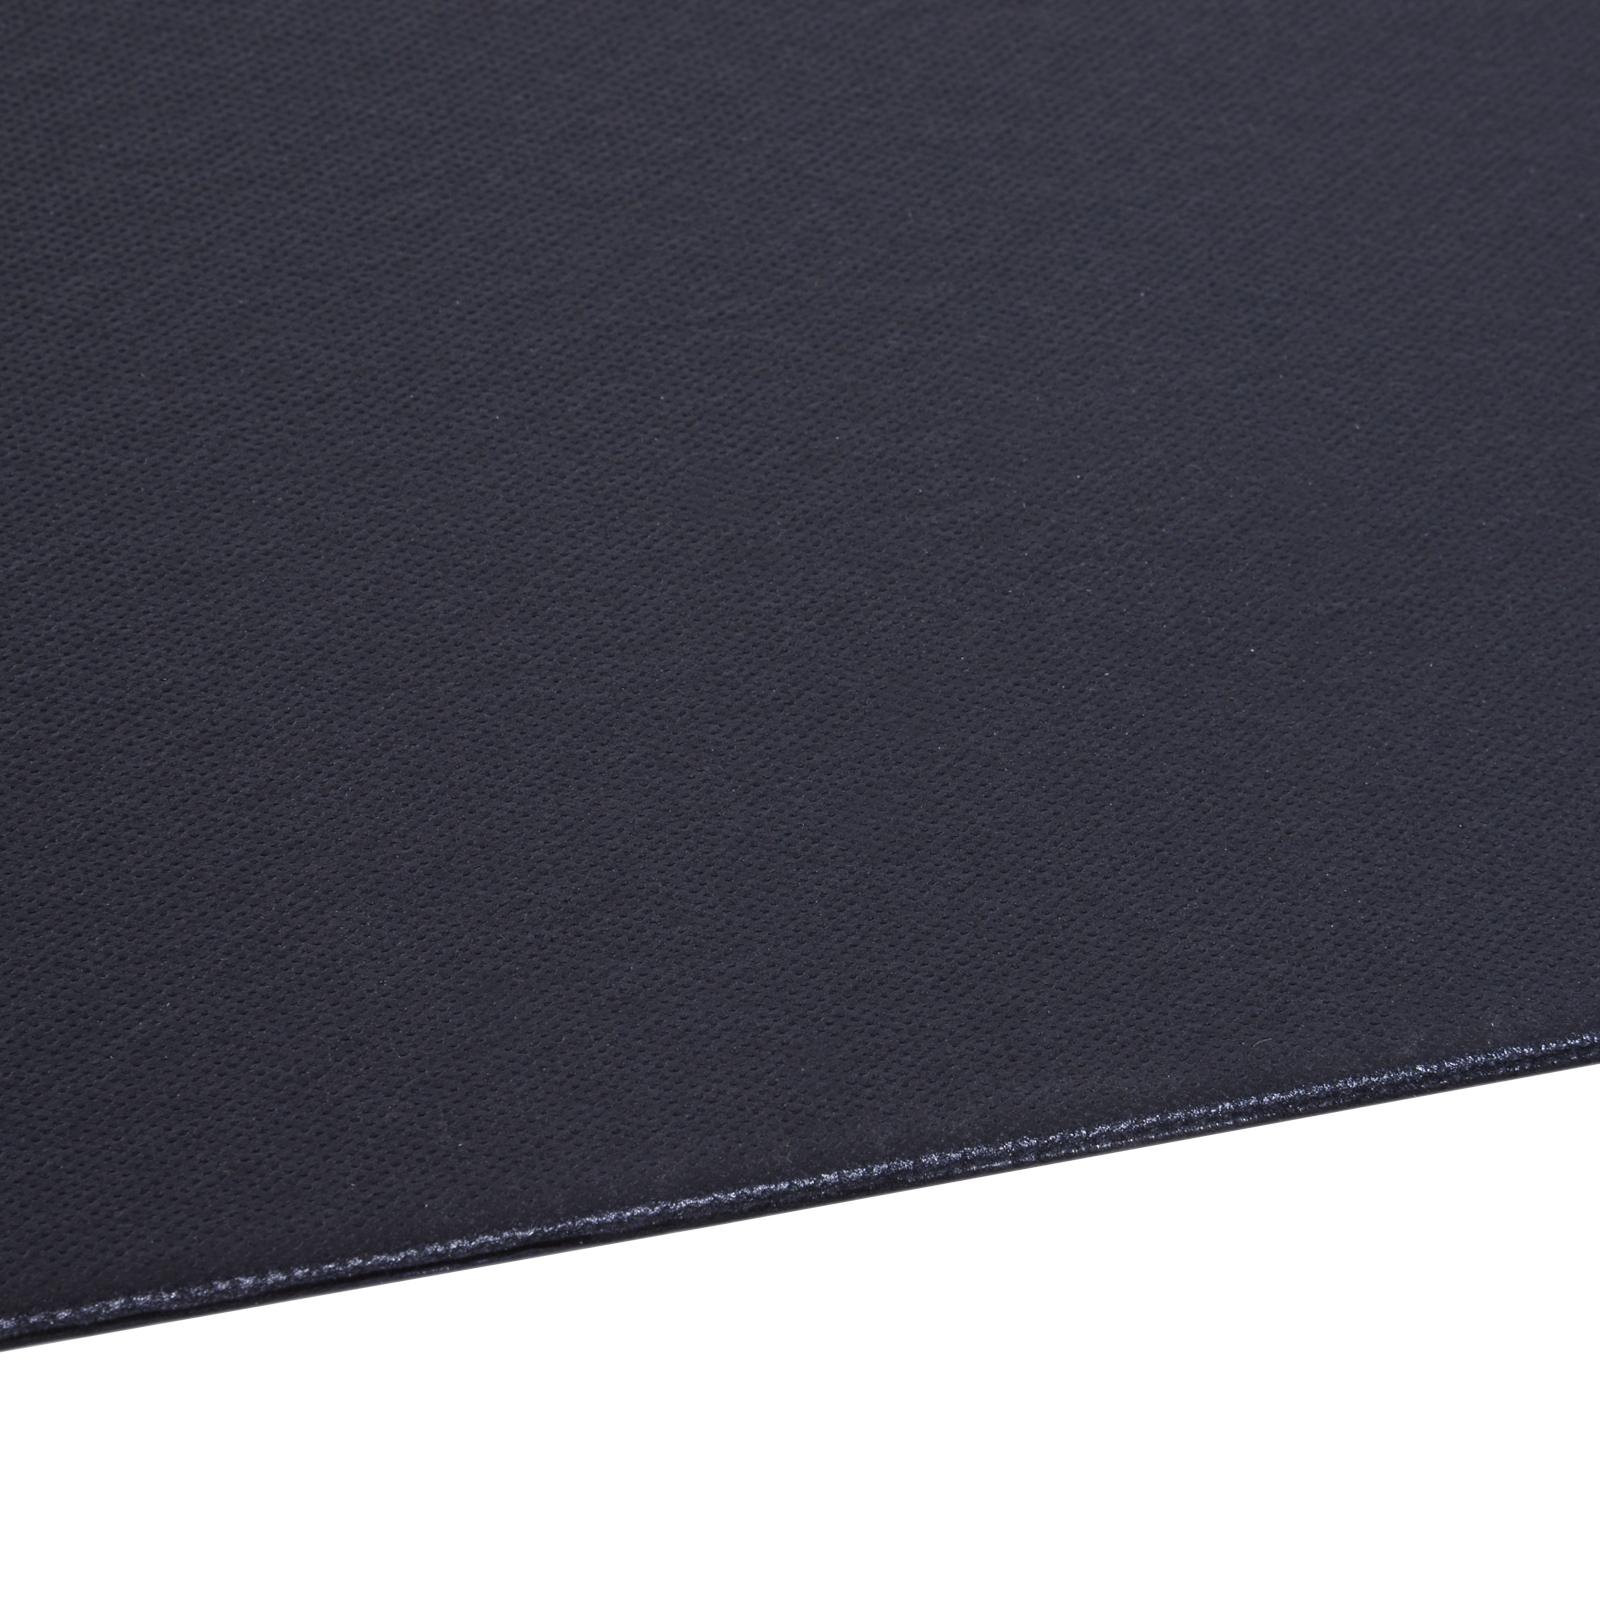 Esterilla-para-Aparato-de-Entrenamiento-Alfombra-de-Fitness-Protectora-Suelo-4mm miniatura 10